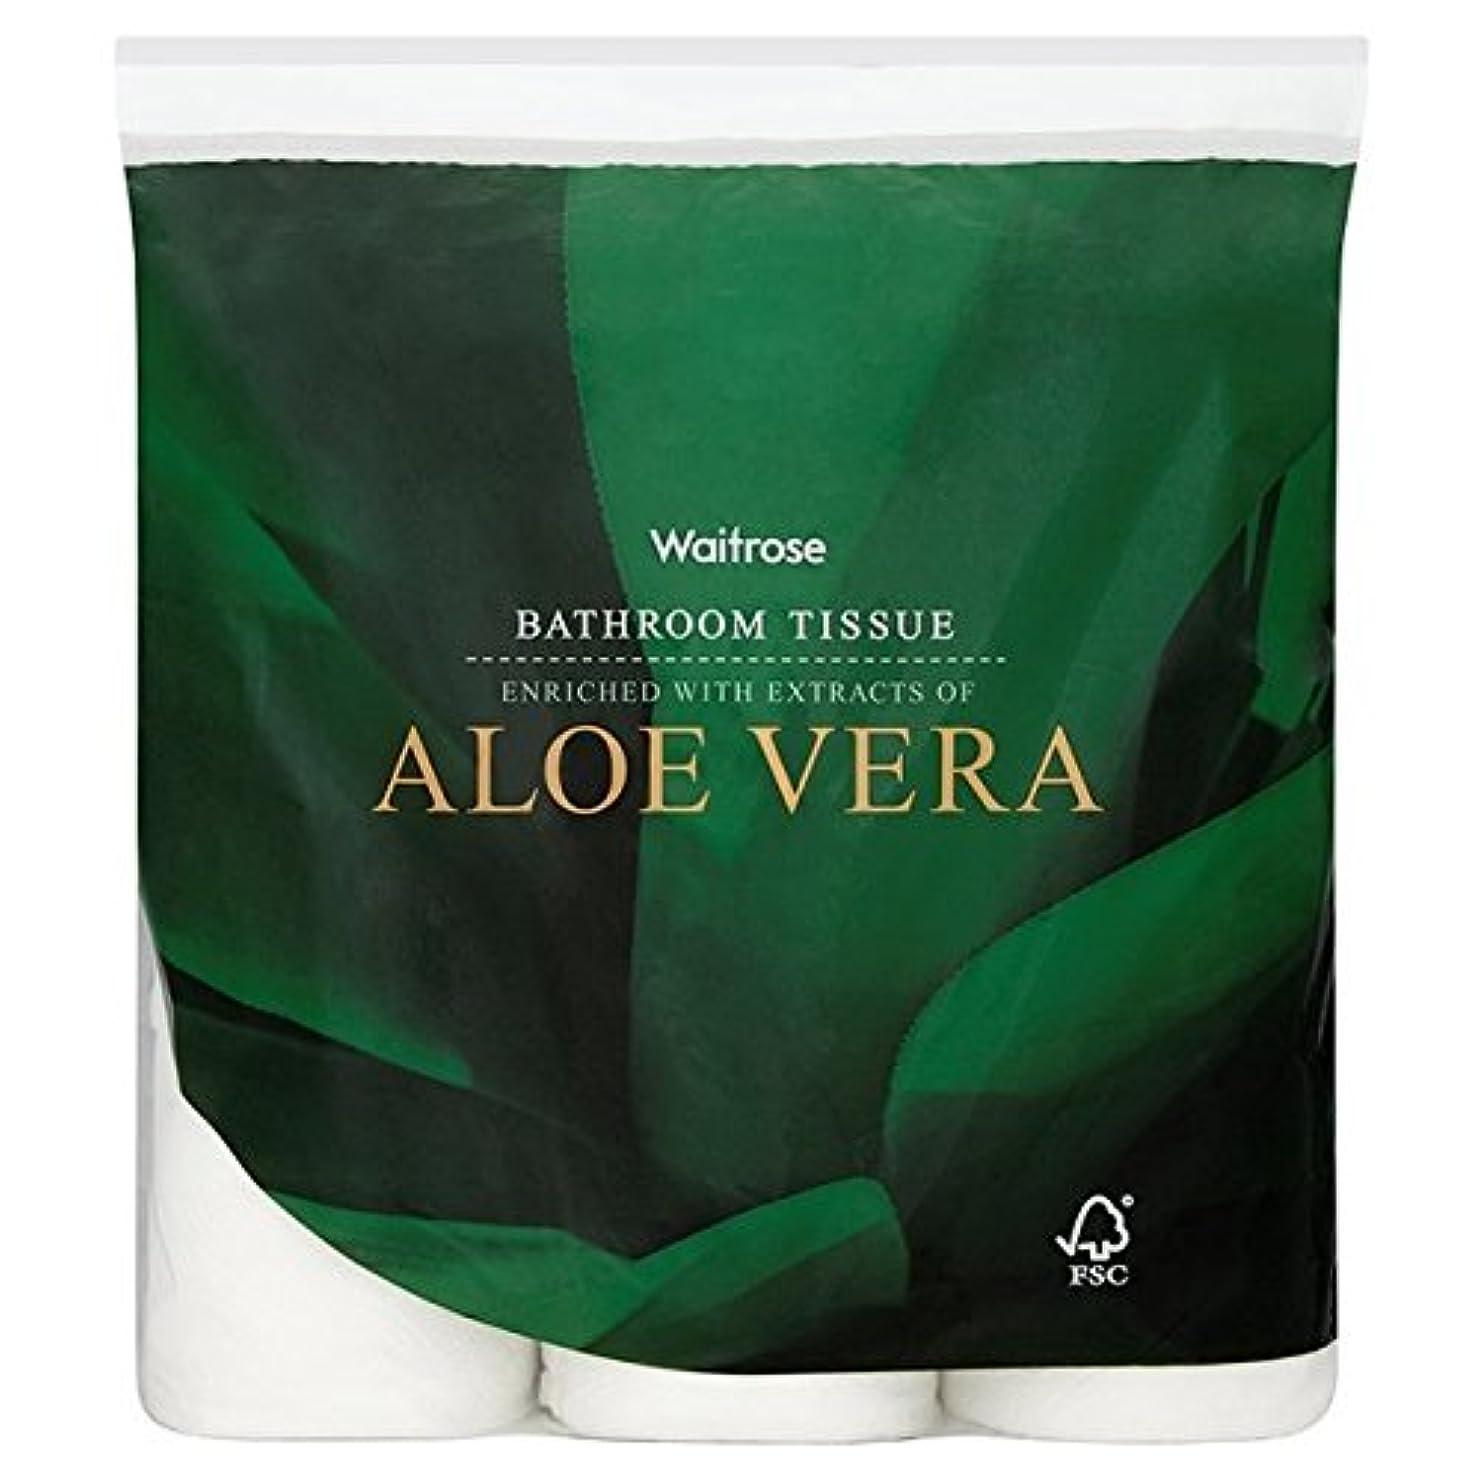 快適証拠明示的にAloe Vera Bathroom Tissue White Waitrose 9 per pack - パックあたりアロエベラ浴室組織白ウェイトローズ9 [並行輸入品]